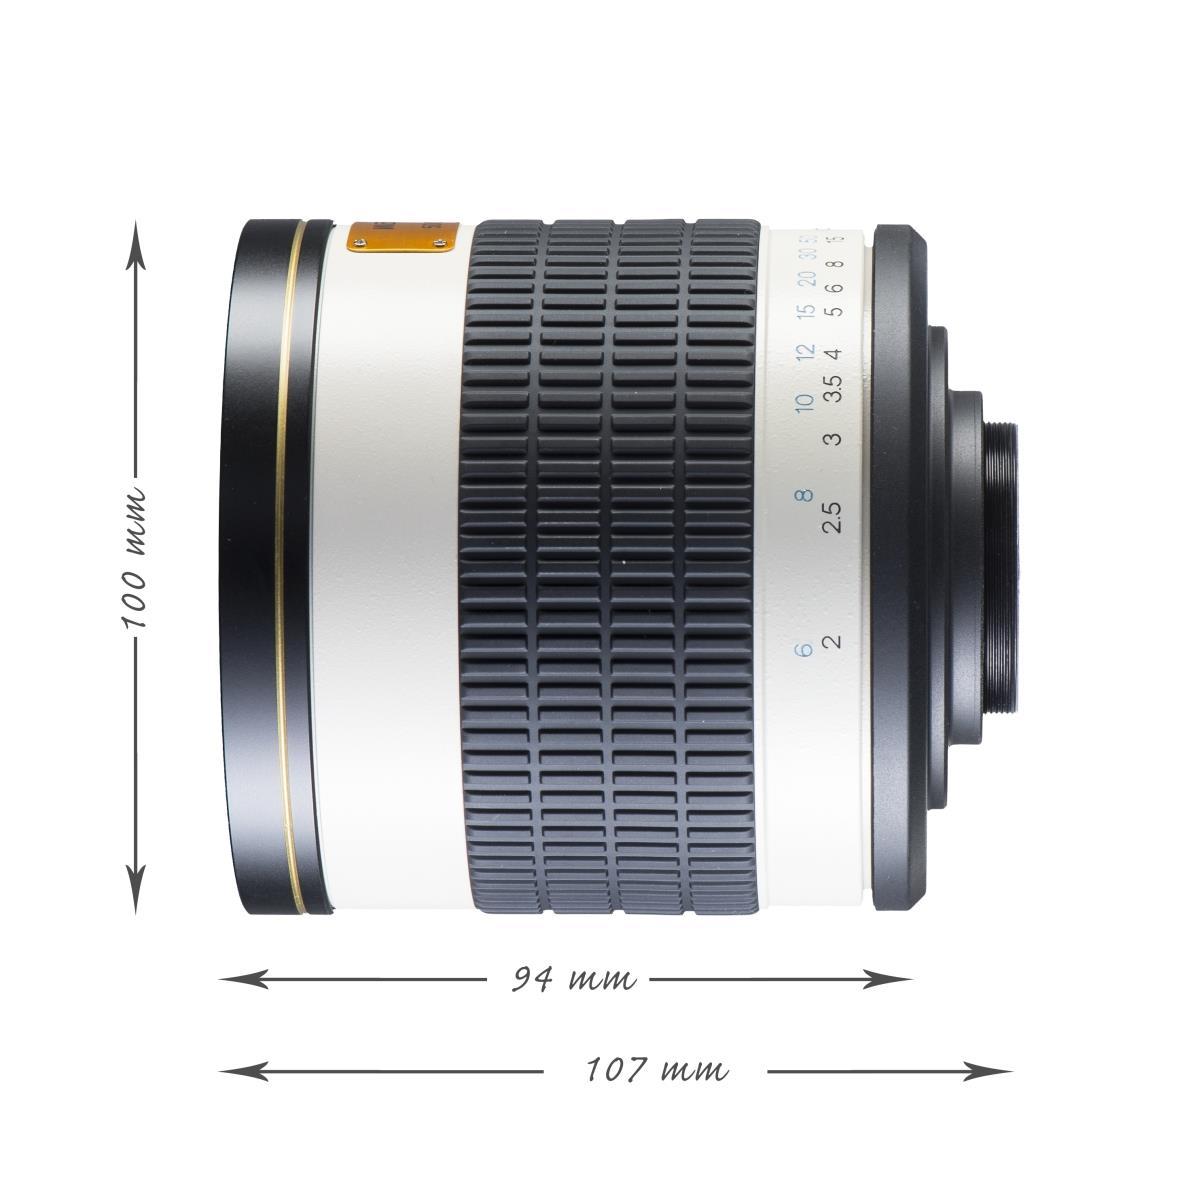 Walimex pro 800/8,0 DSLR Spiegel Pentax K